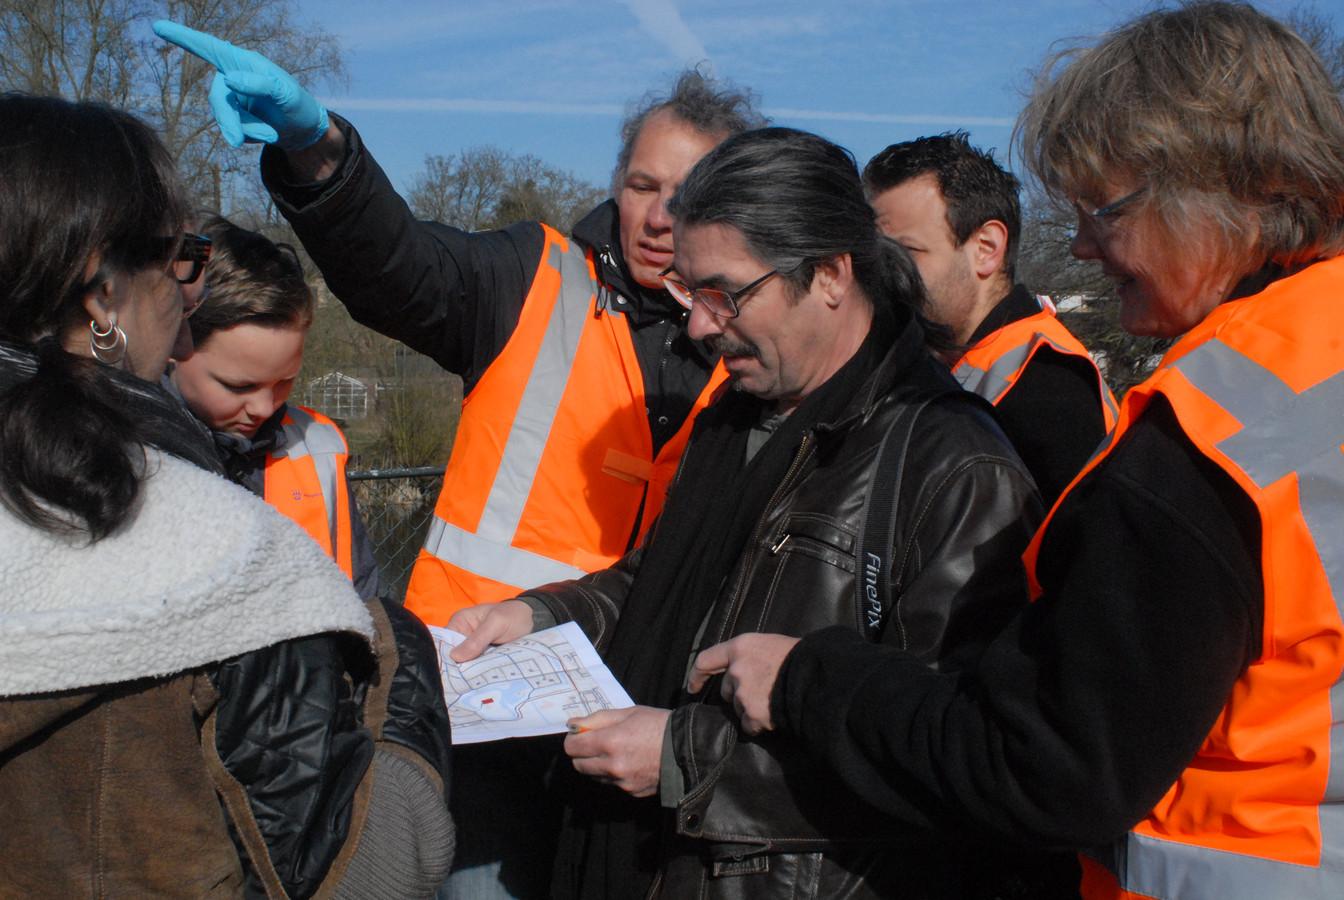 Wim van Hassel, een vooraanstaand lid van buurtcomité Fort Orthen, deelde met behulp van een plattegrond nog wat instructies uit